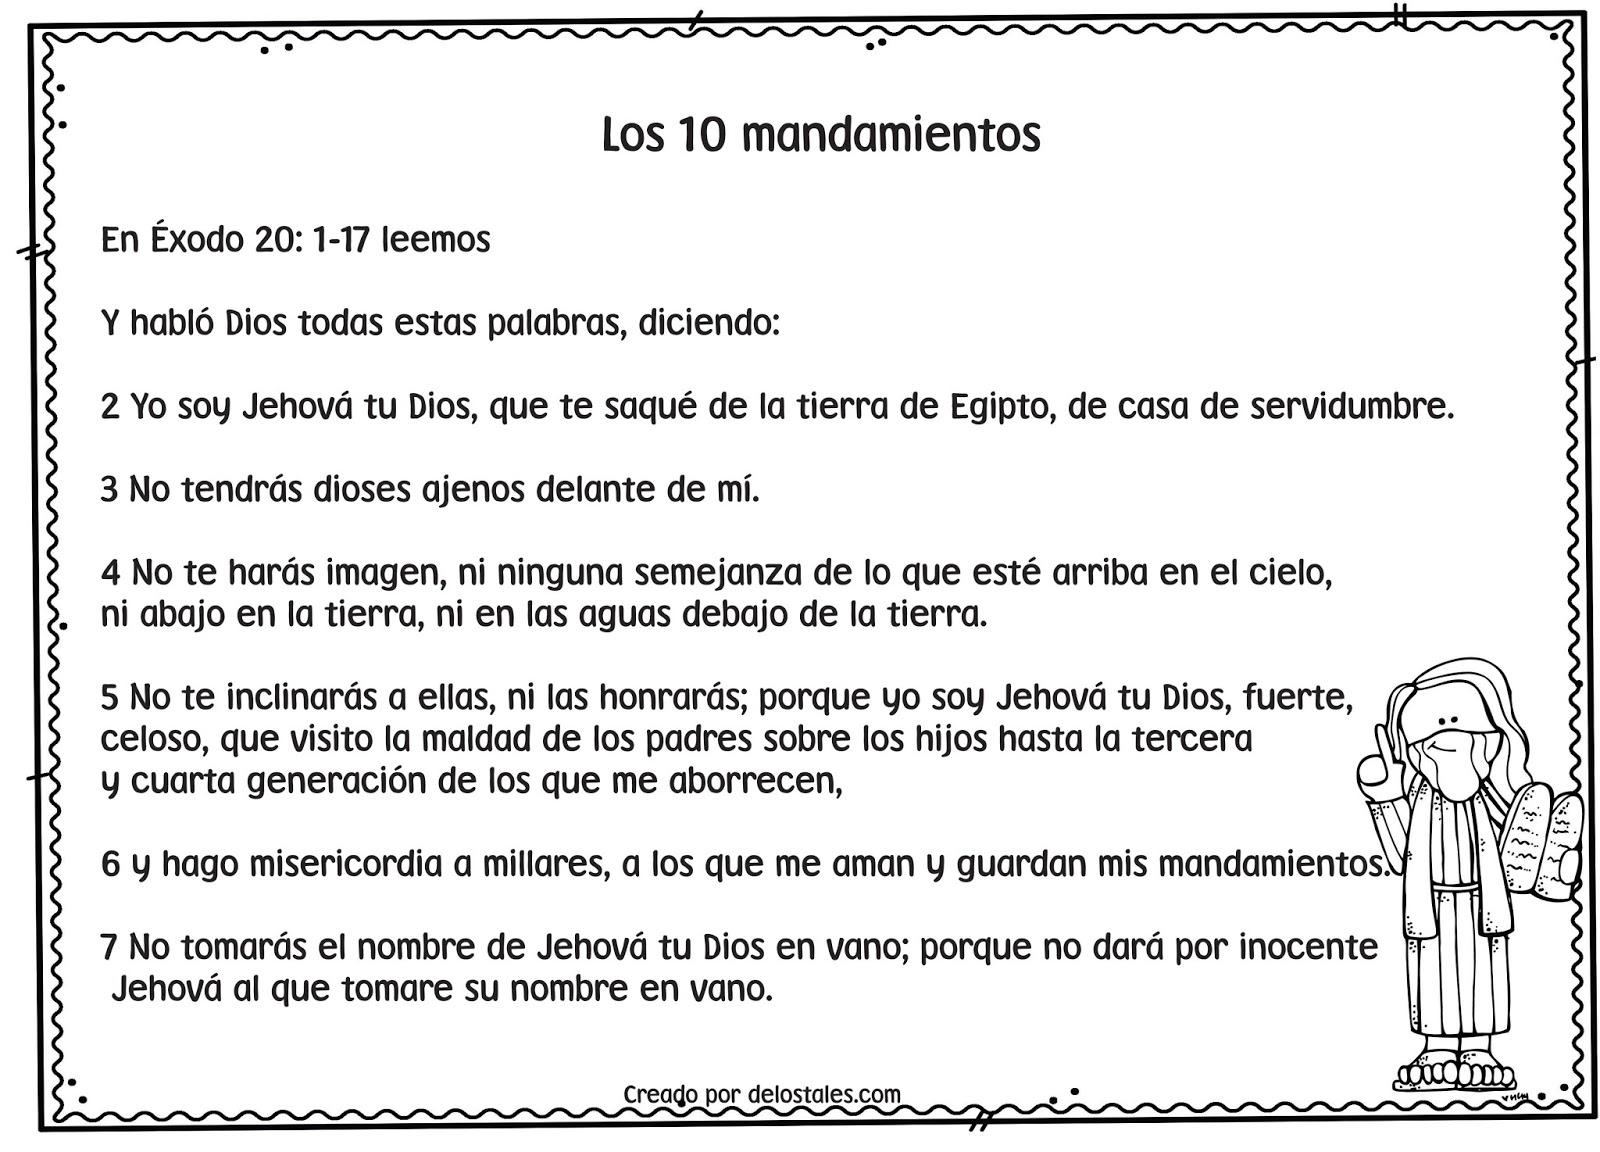 Los 10 mandamientos de los tales - Los 10 locos mandamientos ...